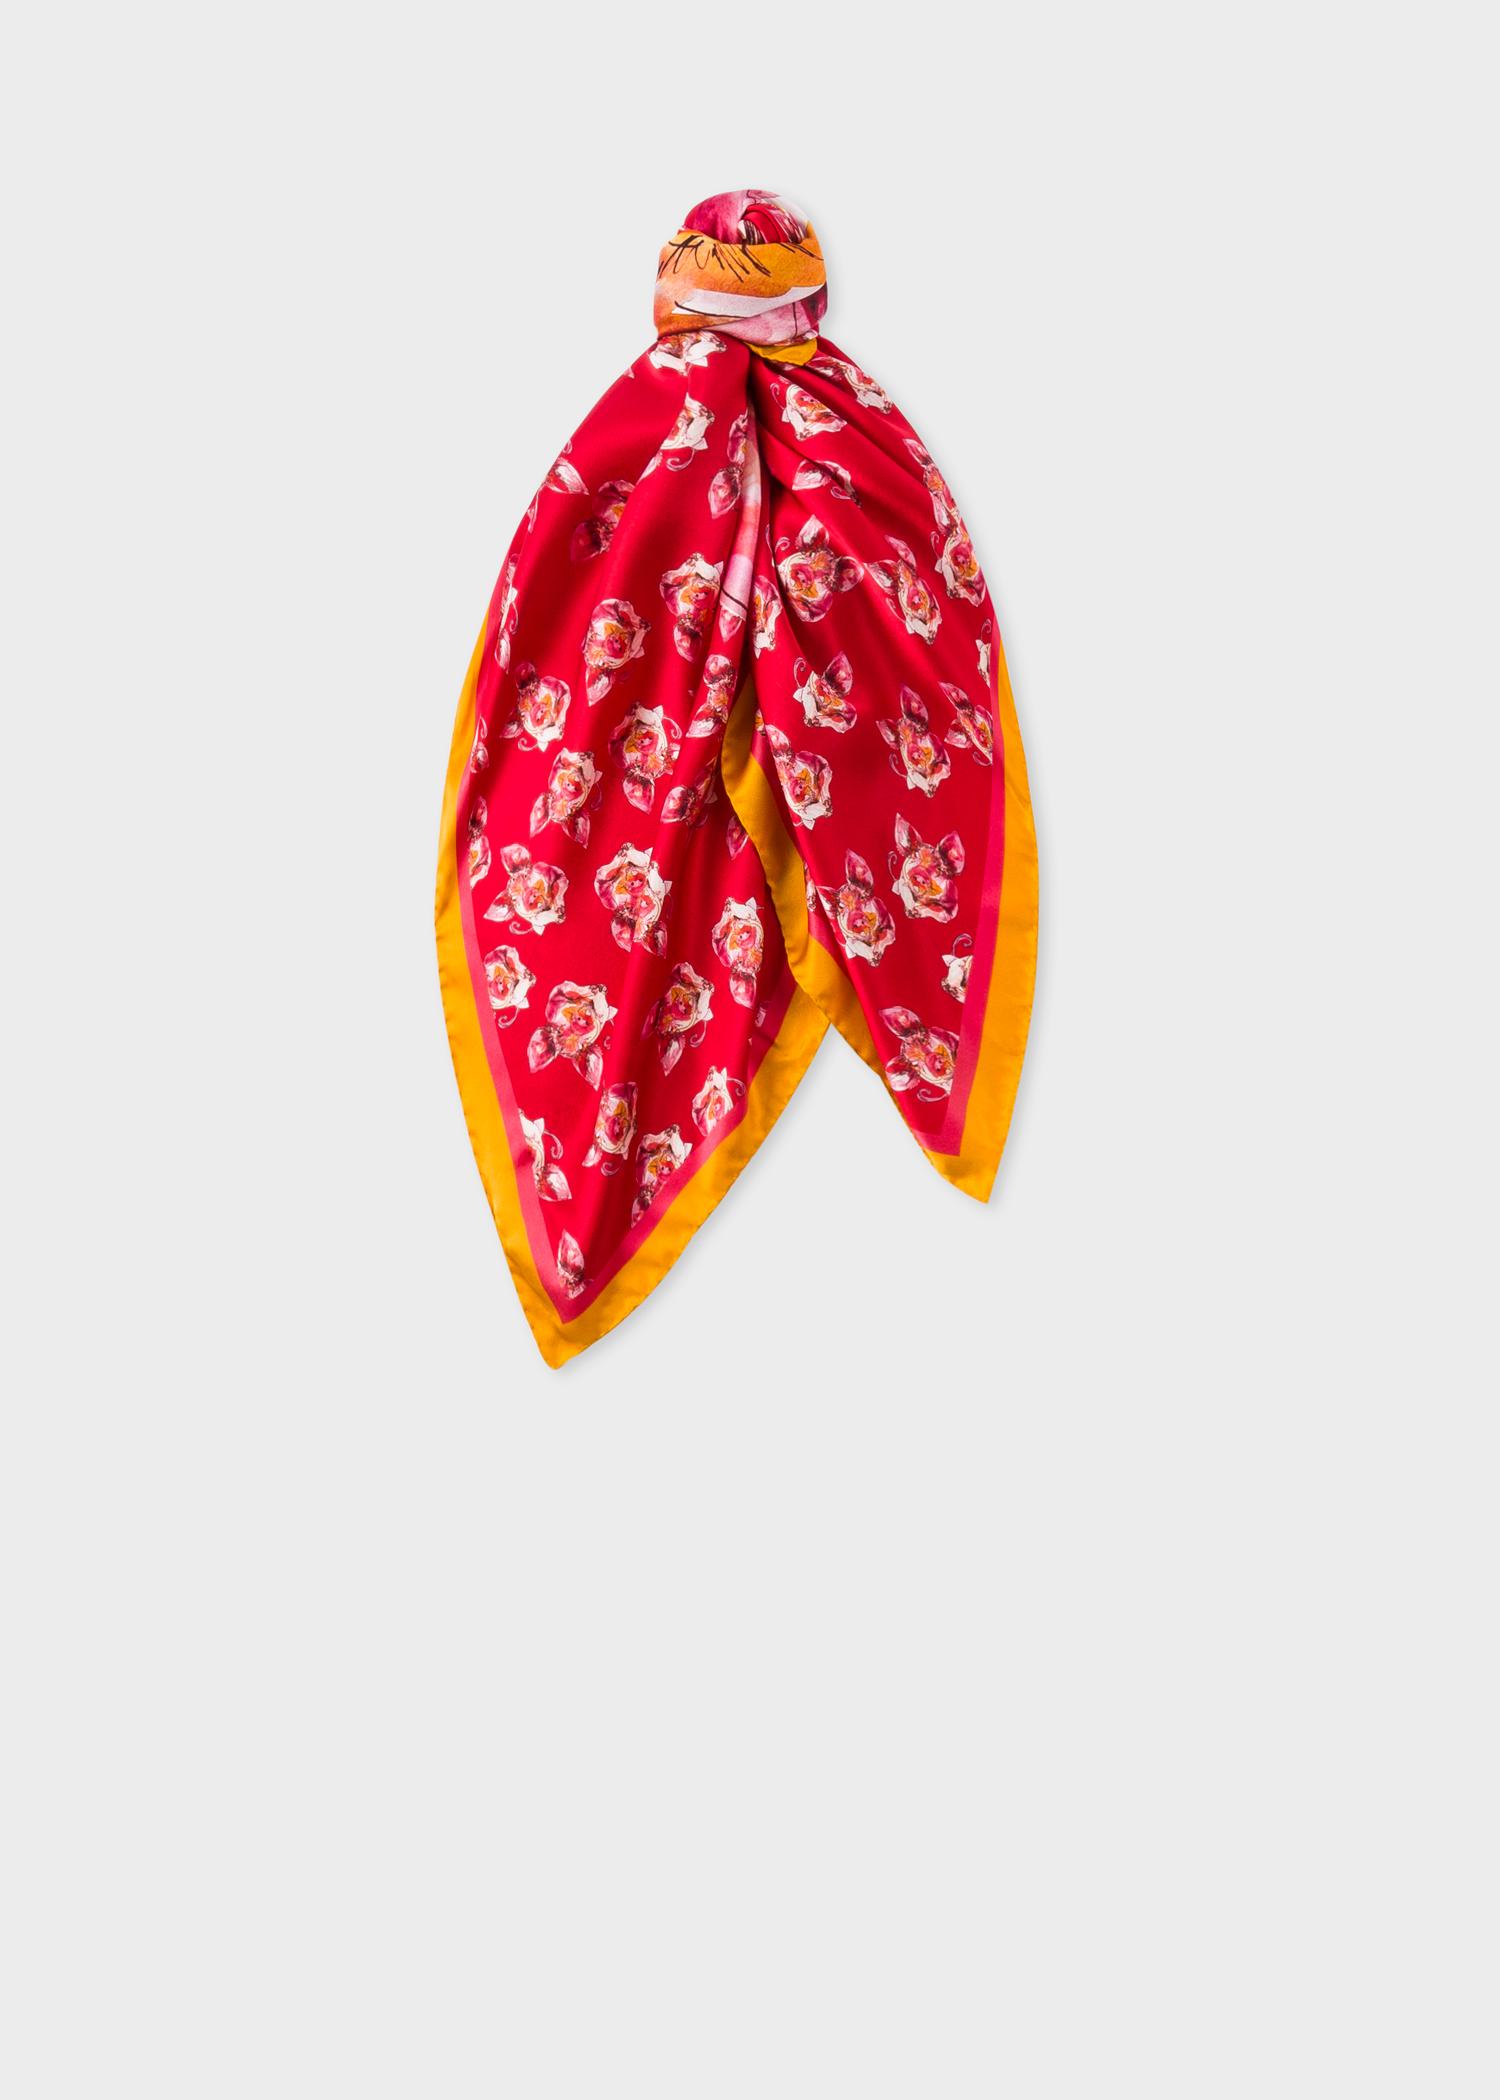 Vue foulard noué - Foulard Carré Femme Rouge  Pig  Nouvel An Chinois En Soie 8c8c759b3ad